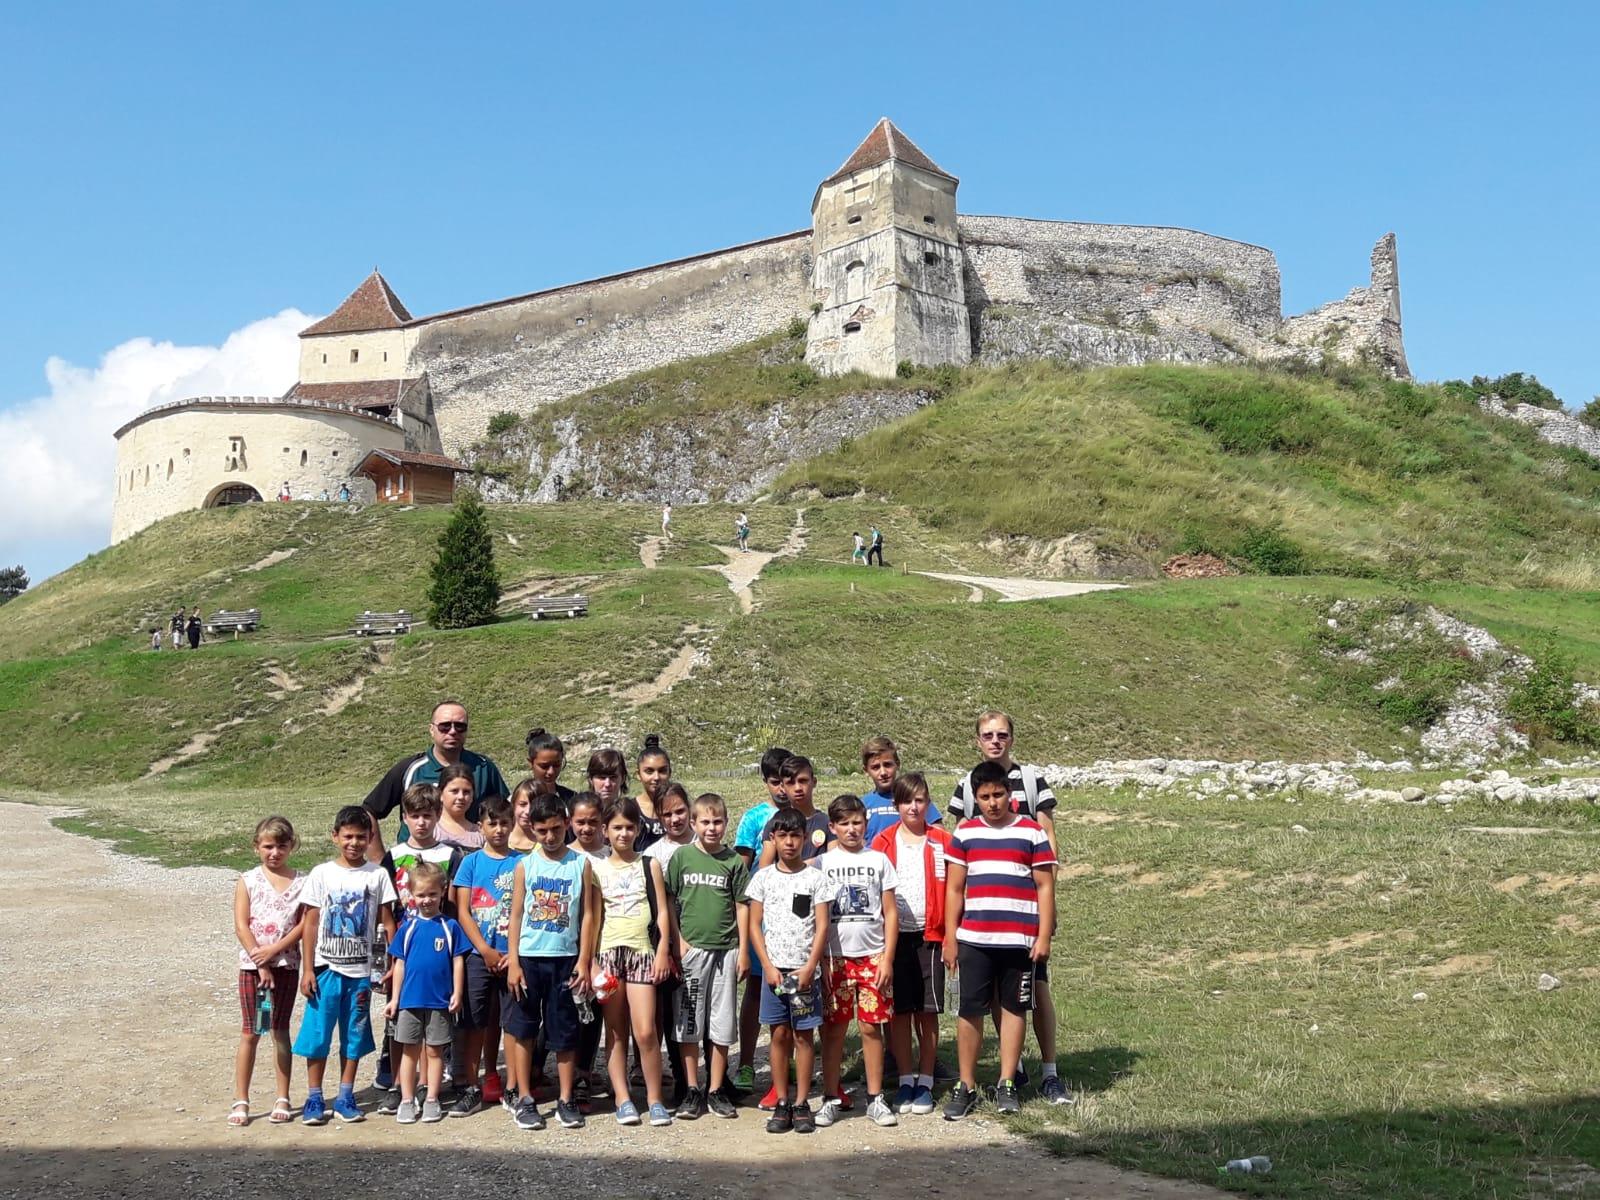 Tabără 2019 - Cetatea Râșnov